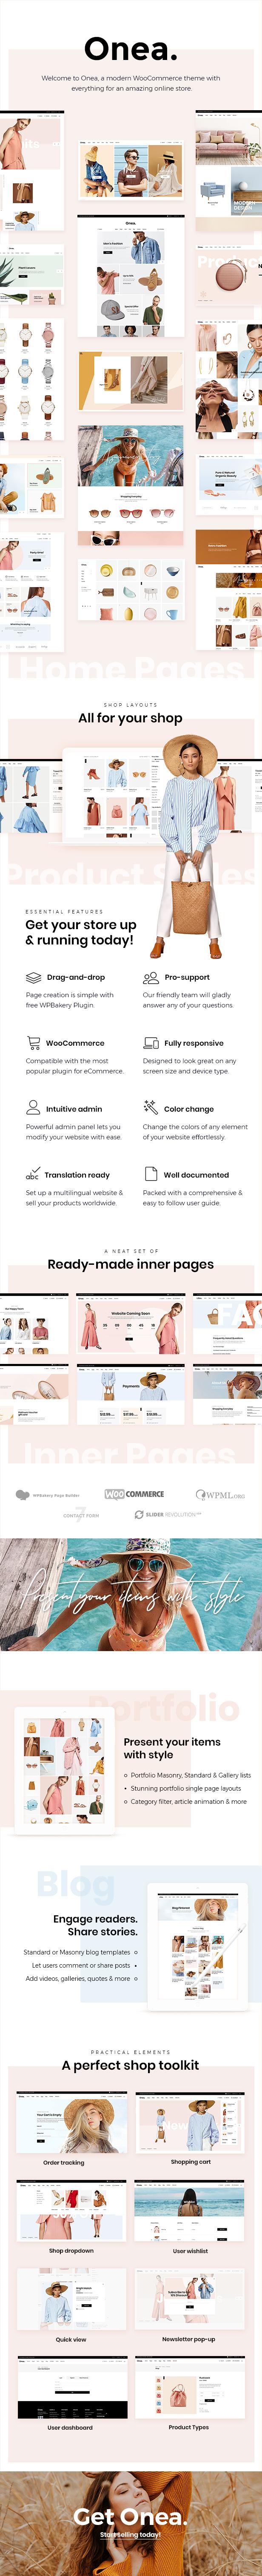 Onea - WooCommerce WordPress theme - 1